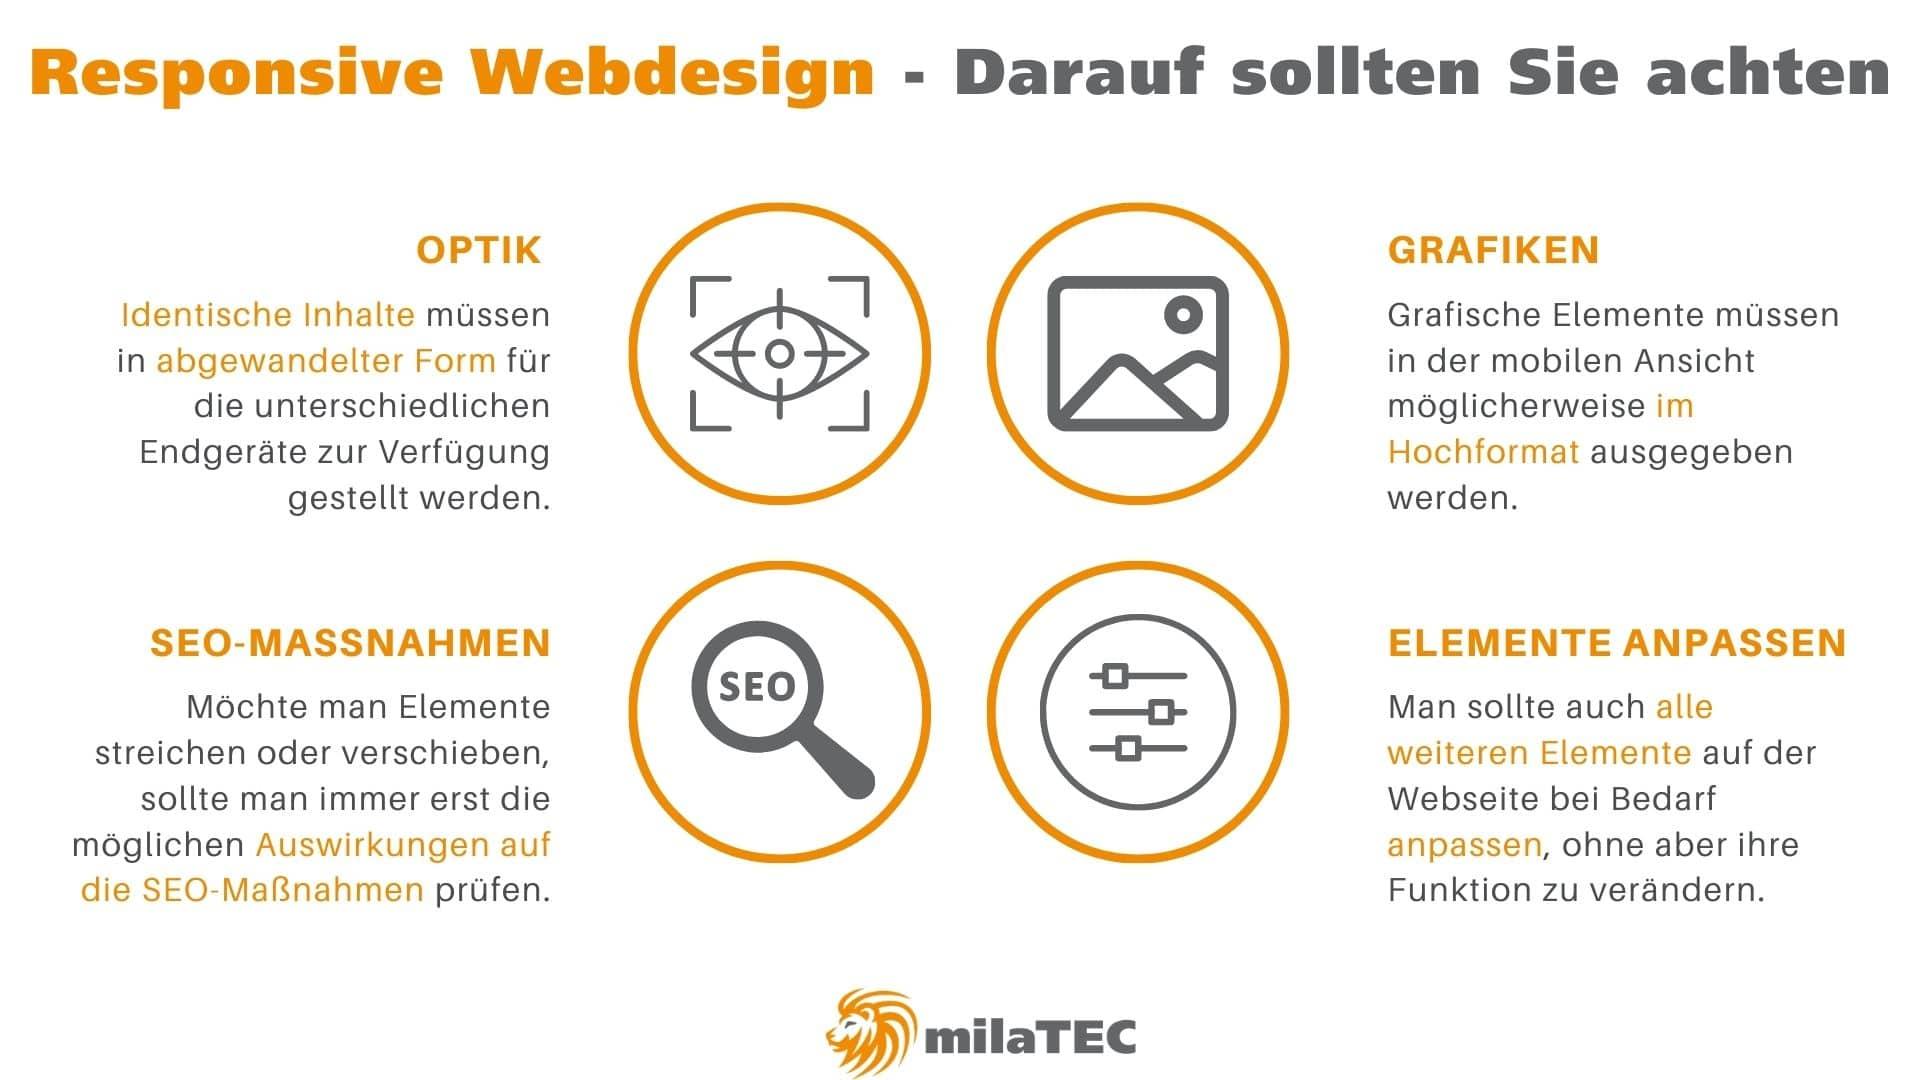 Responsive Webdesign - zu beachten